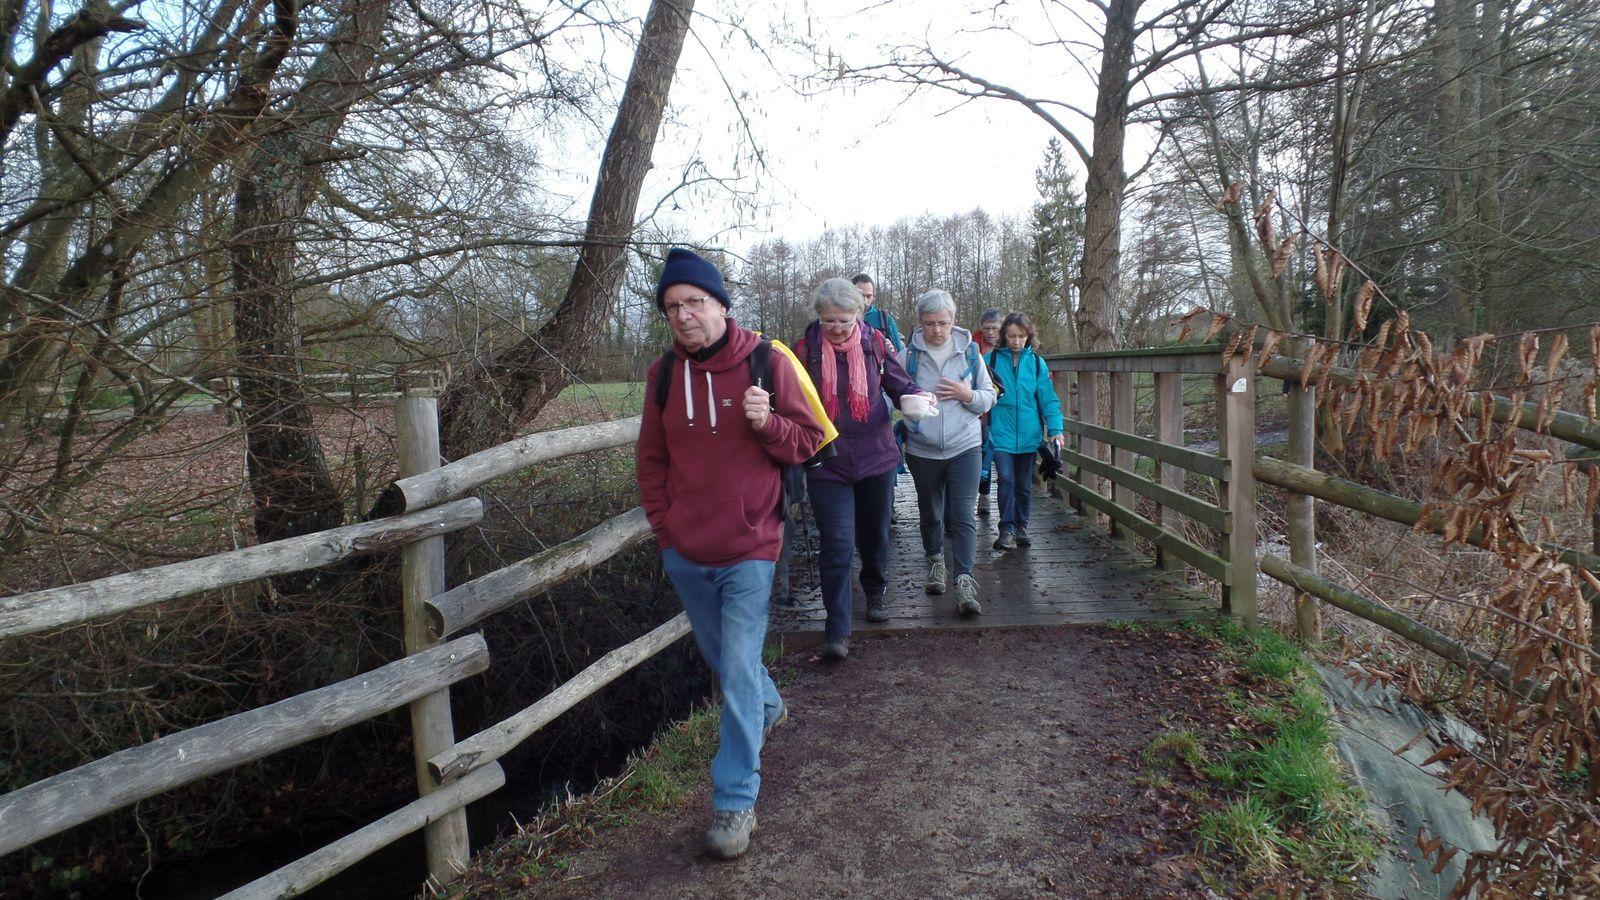 On longe de nouveau le ruisseau du GUE CARRE en le traversant plusieurs fois sur des passerelles en bois.